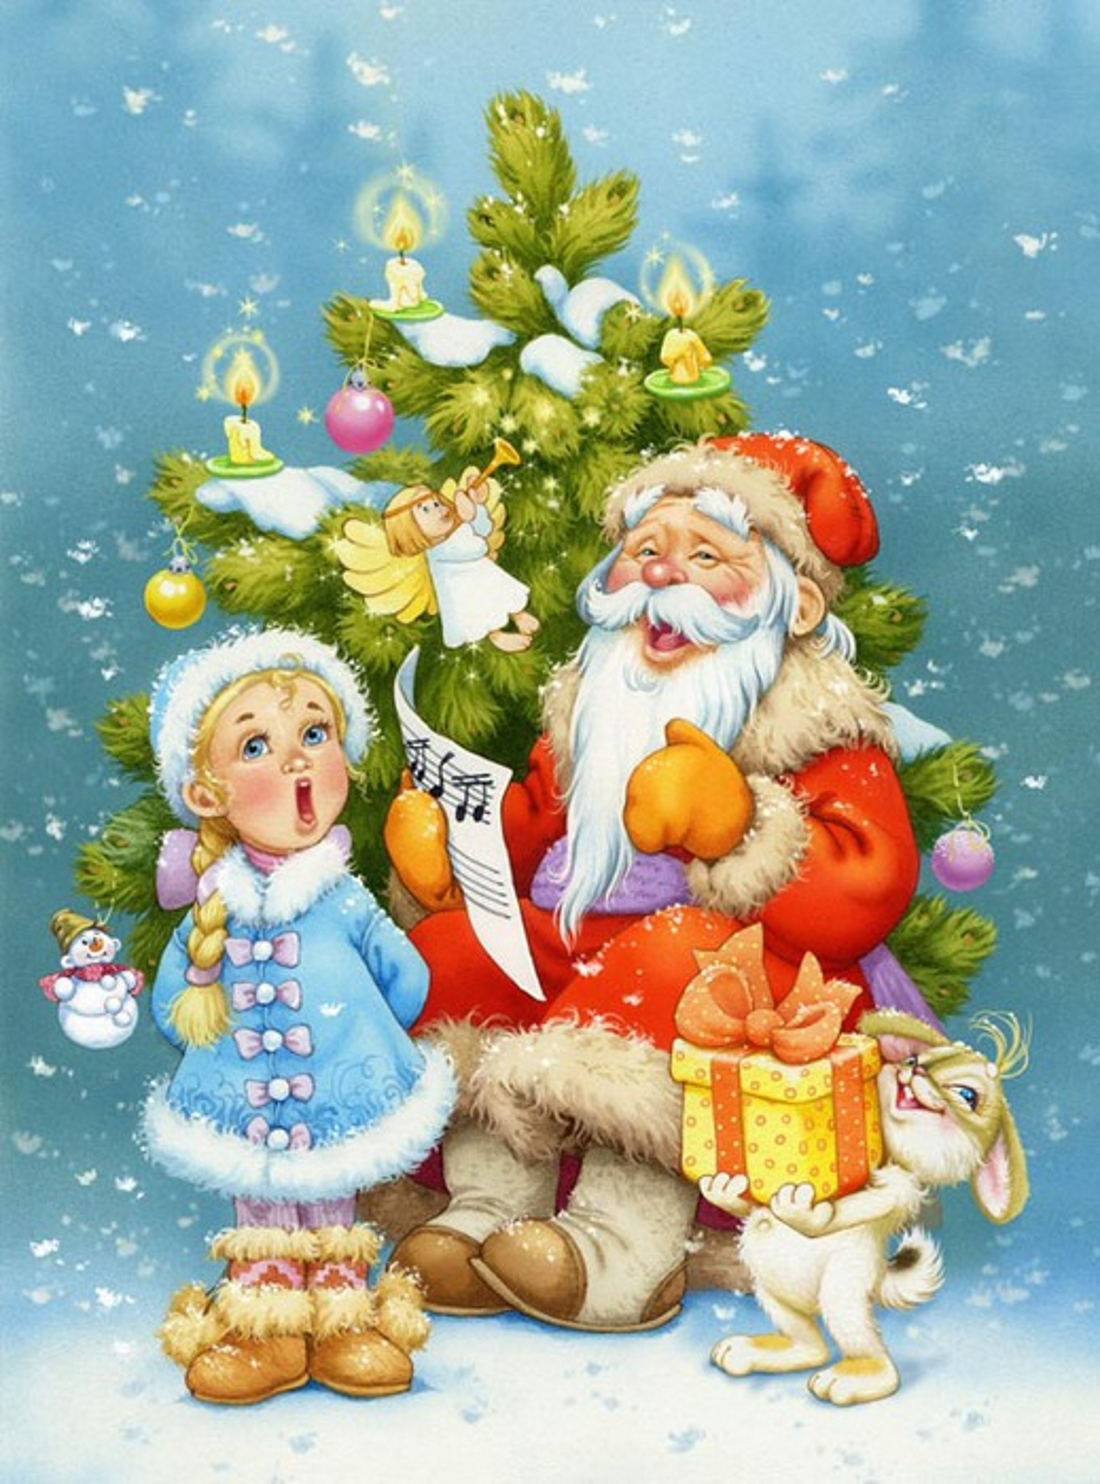 Новогодние картинки с дедом морозом и снегурочкой елкой